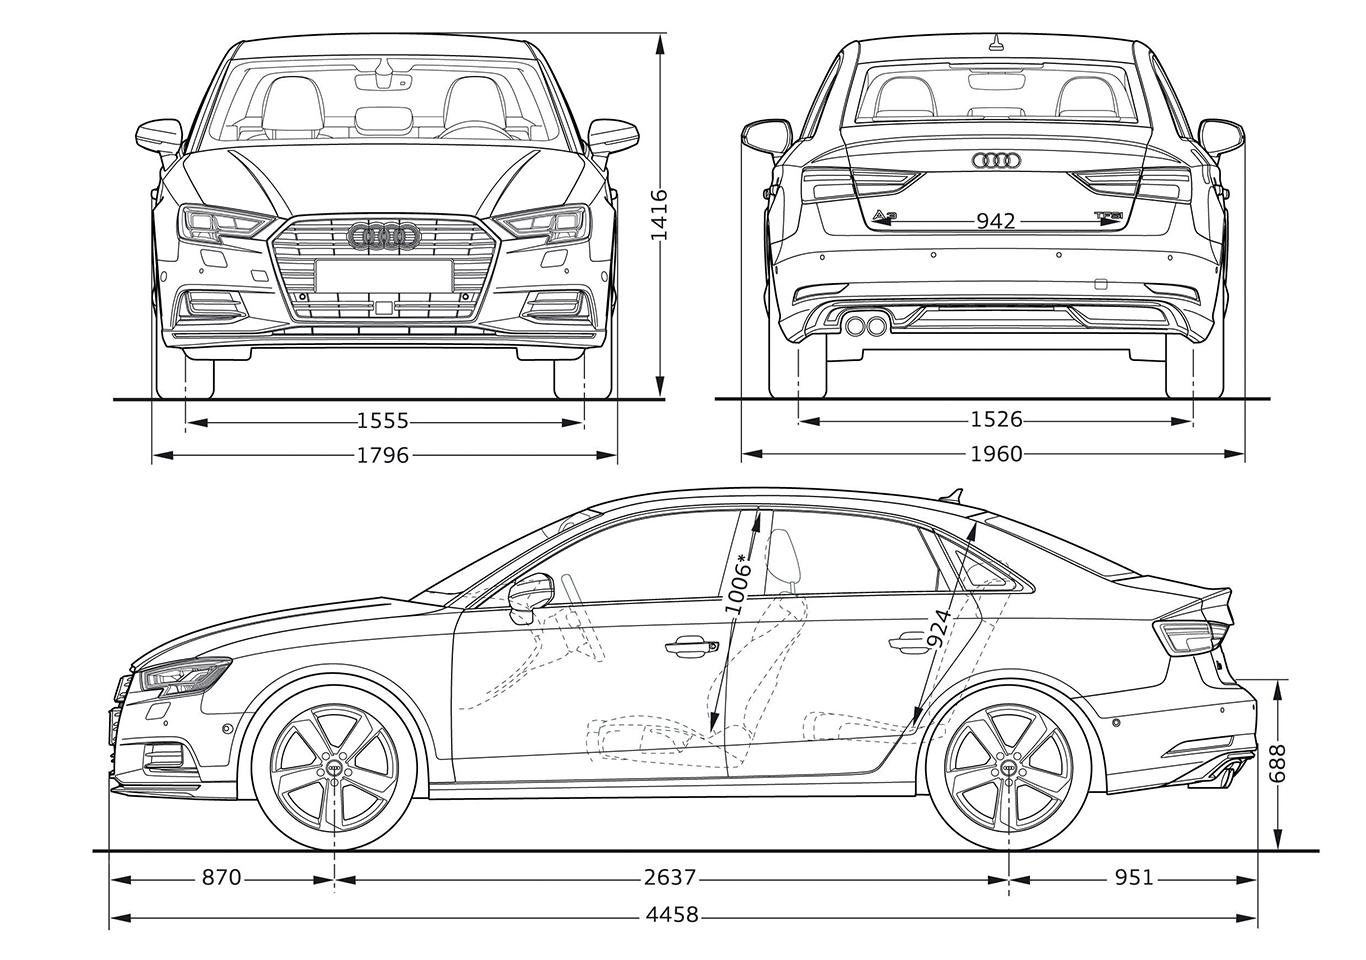 Die 35 Millimeter mehr in der Länge der A3 Limousine wirken sich auch auf ihr Zuladevermögen aus. 425 Liter fasst der Kofferraum. Das sind 105 Liter mehr als im Cabrio.